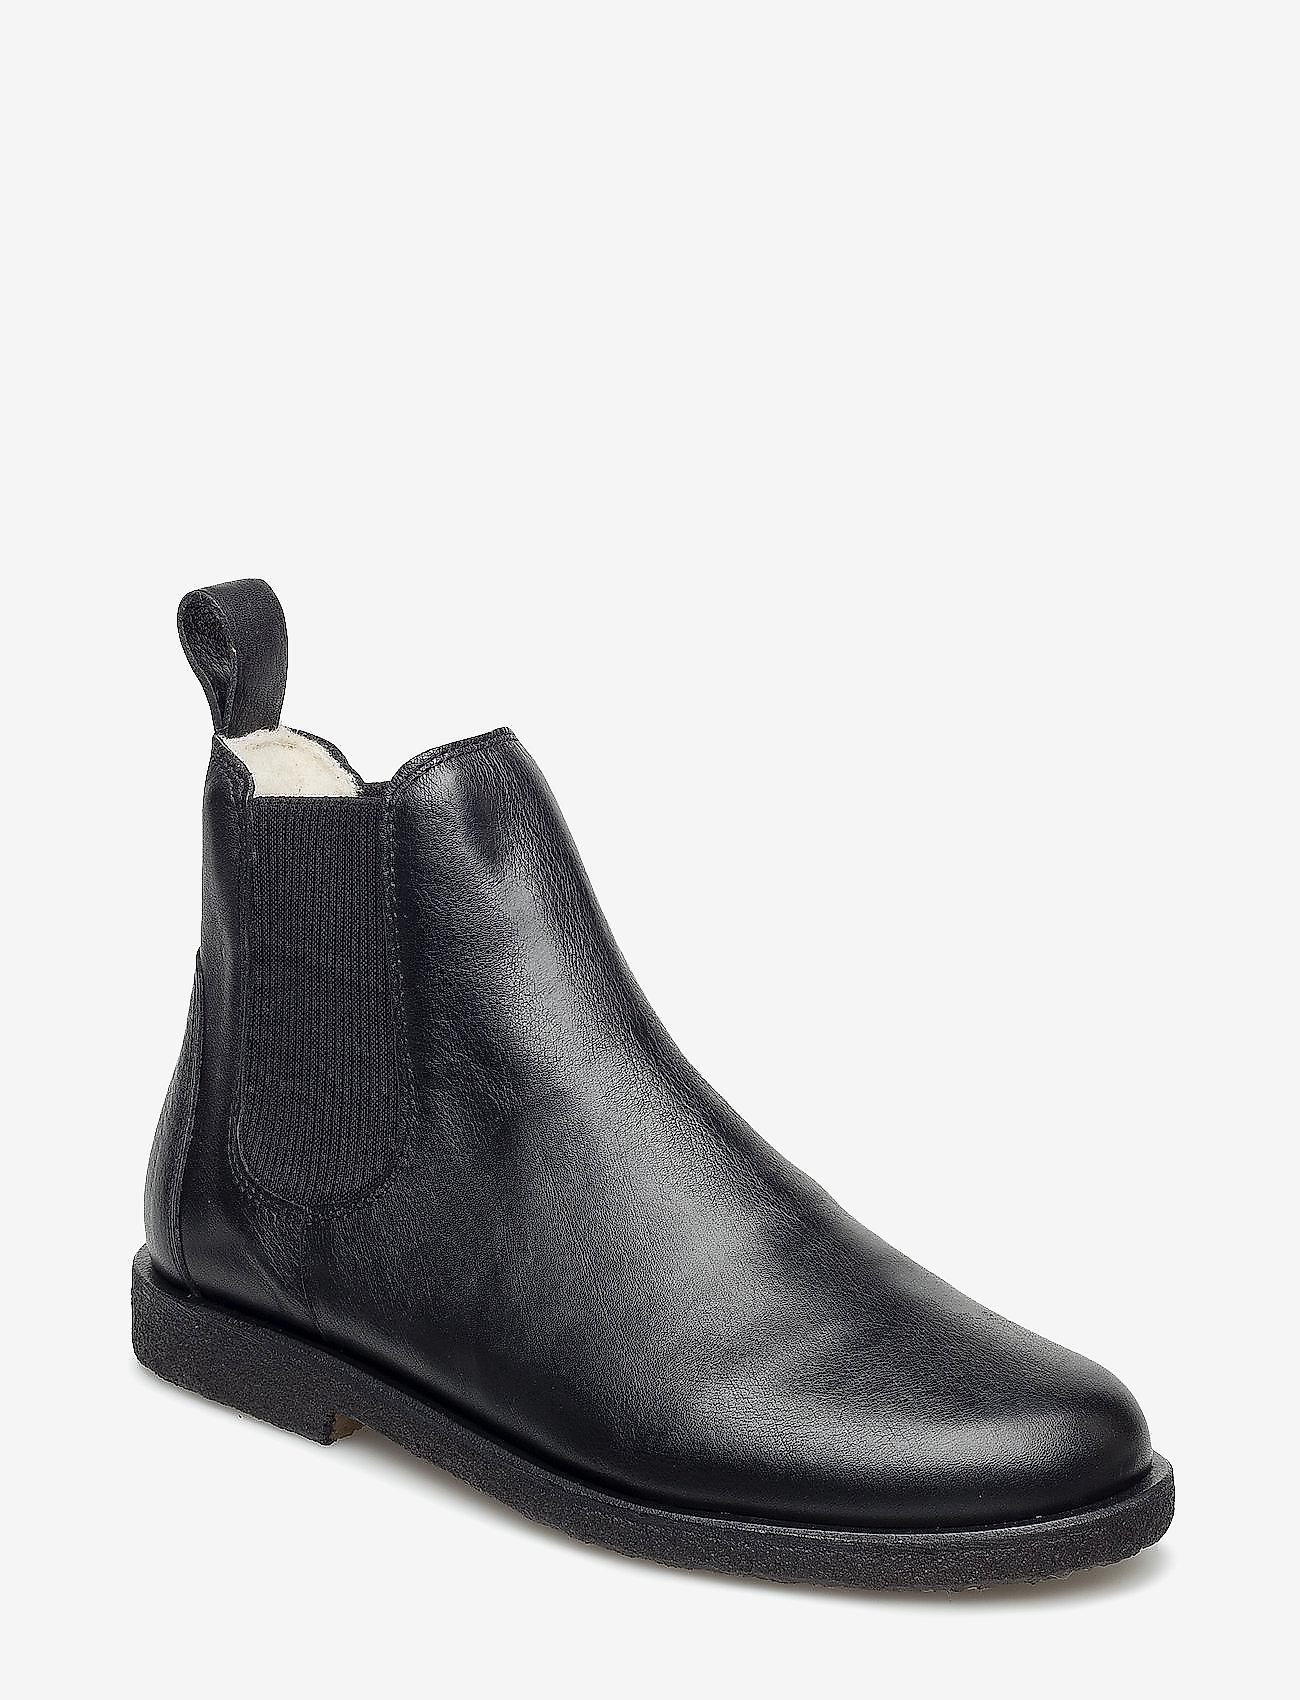 ANGULUS - Chelsea boot - flate ankelstøvletter - 1933/019 black/black - 0